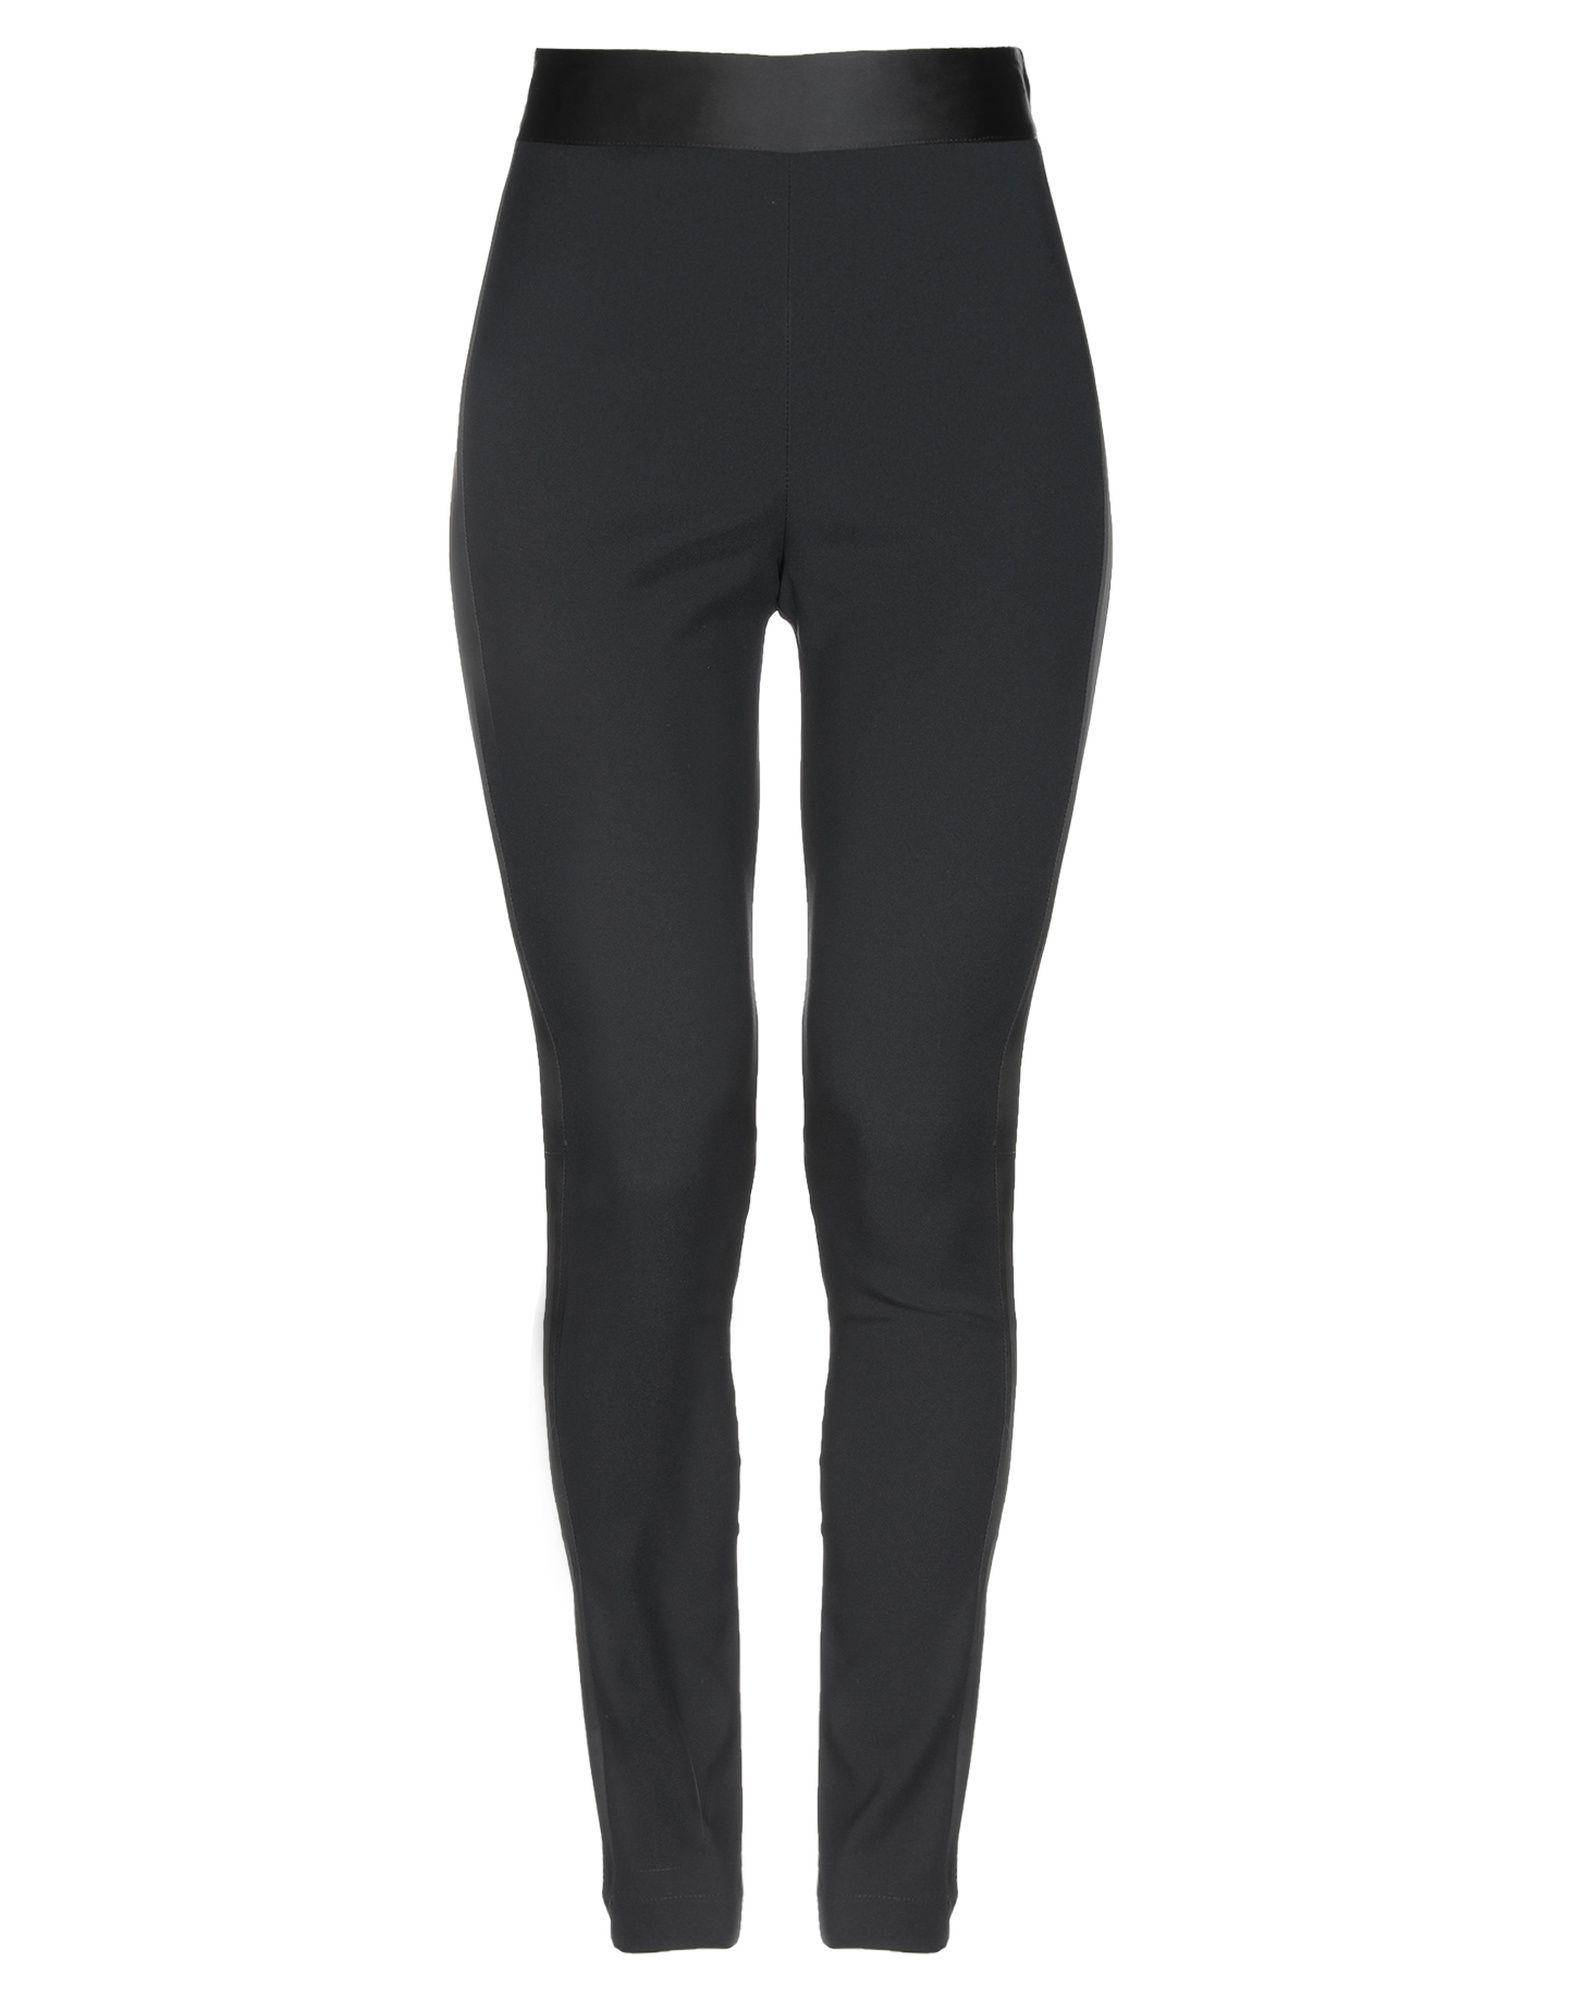 Pantalone Pantalone Pantalone Peter A & Chronicles donna - 13295638QM 16d